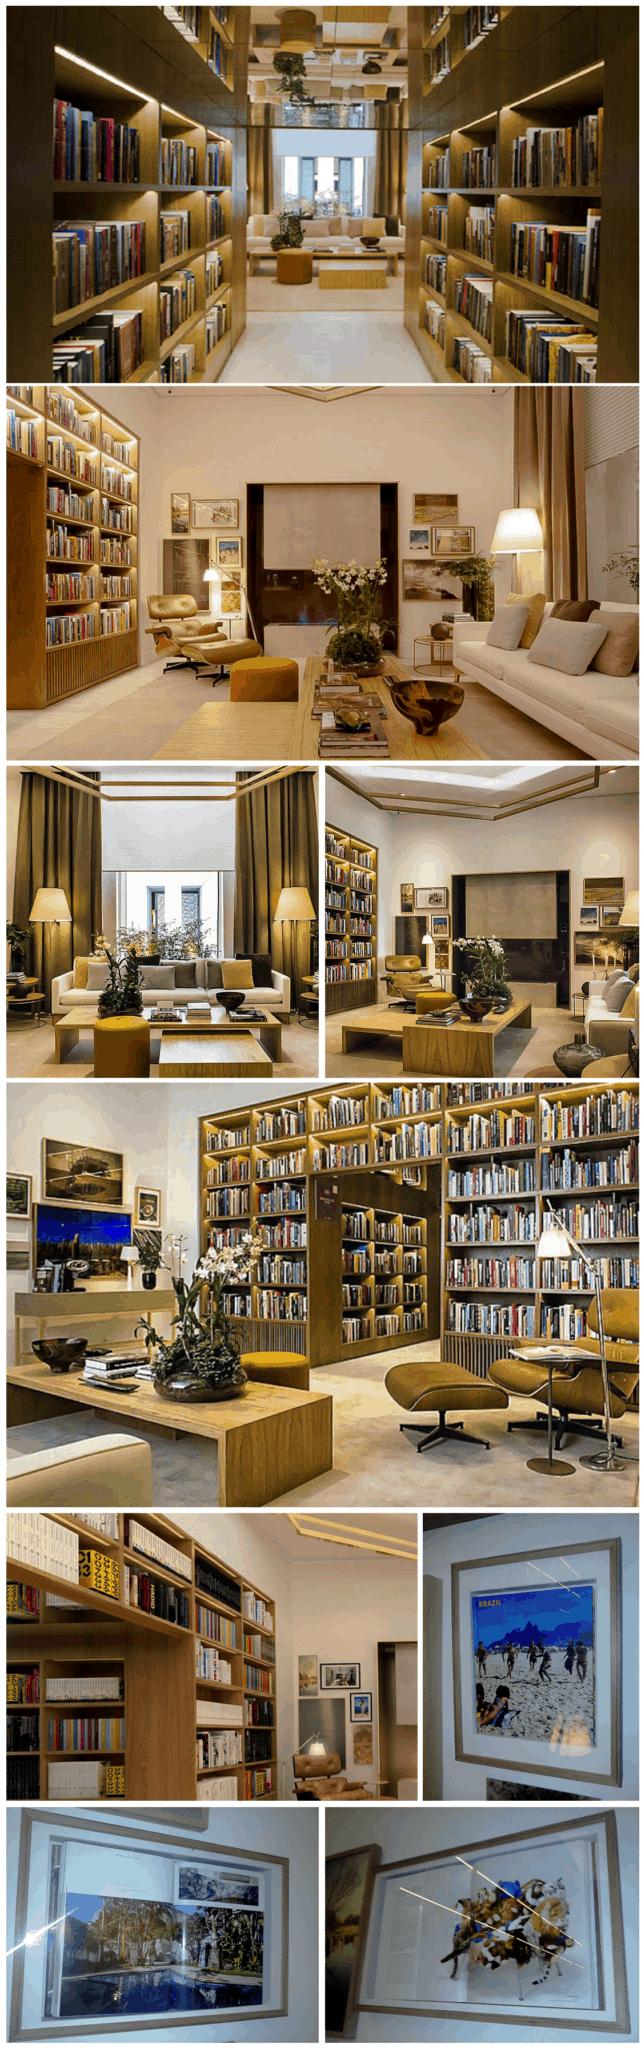 bruno-gap-biblioteca-de-estar-casa-cor-decorar-com-charme